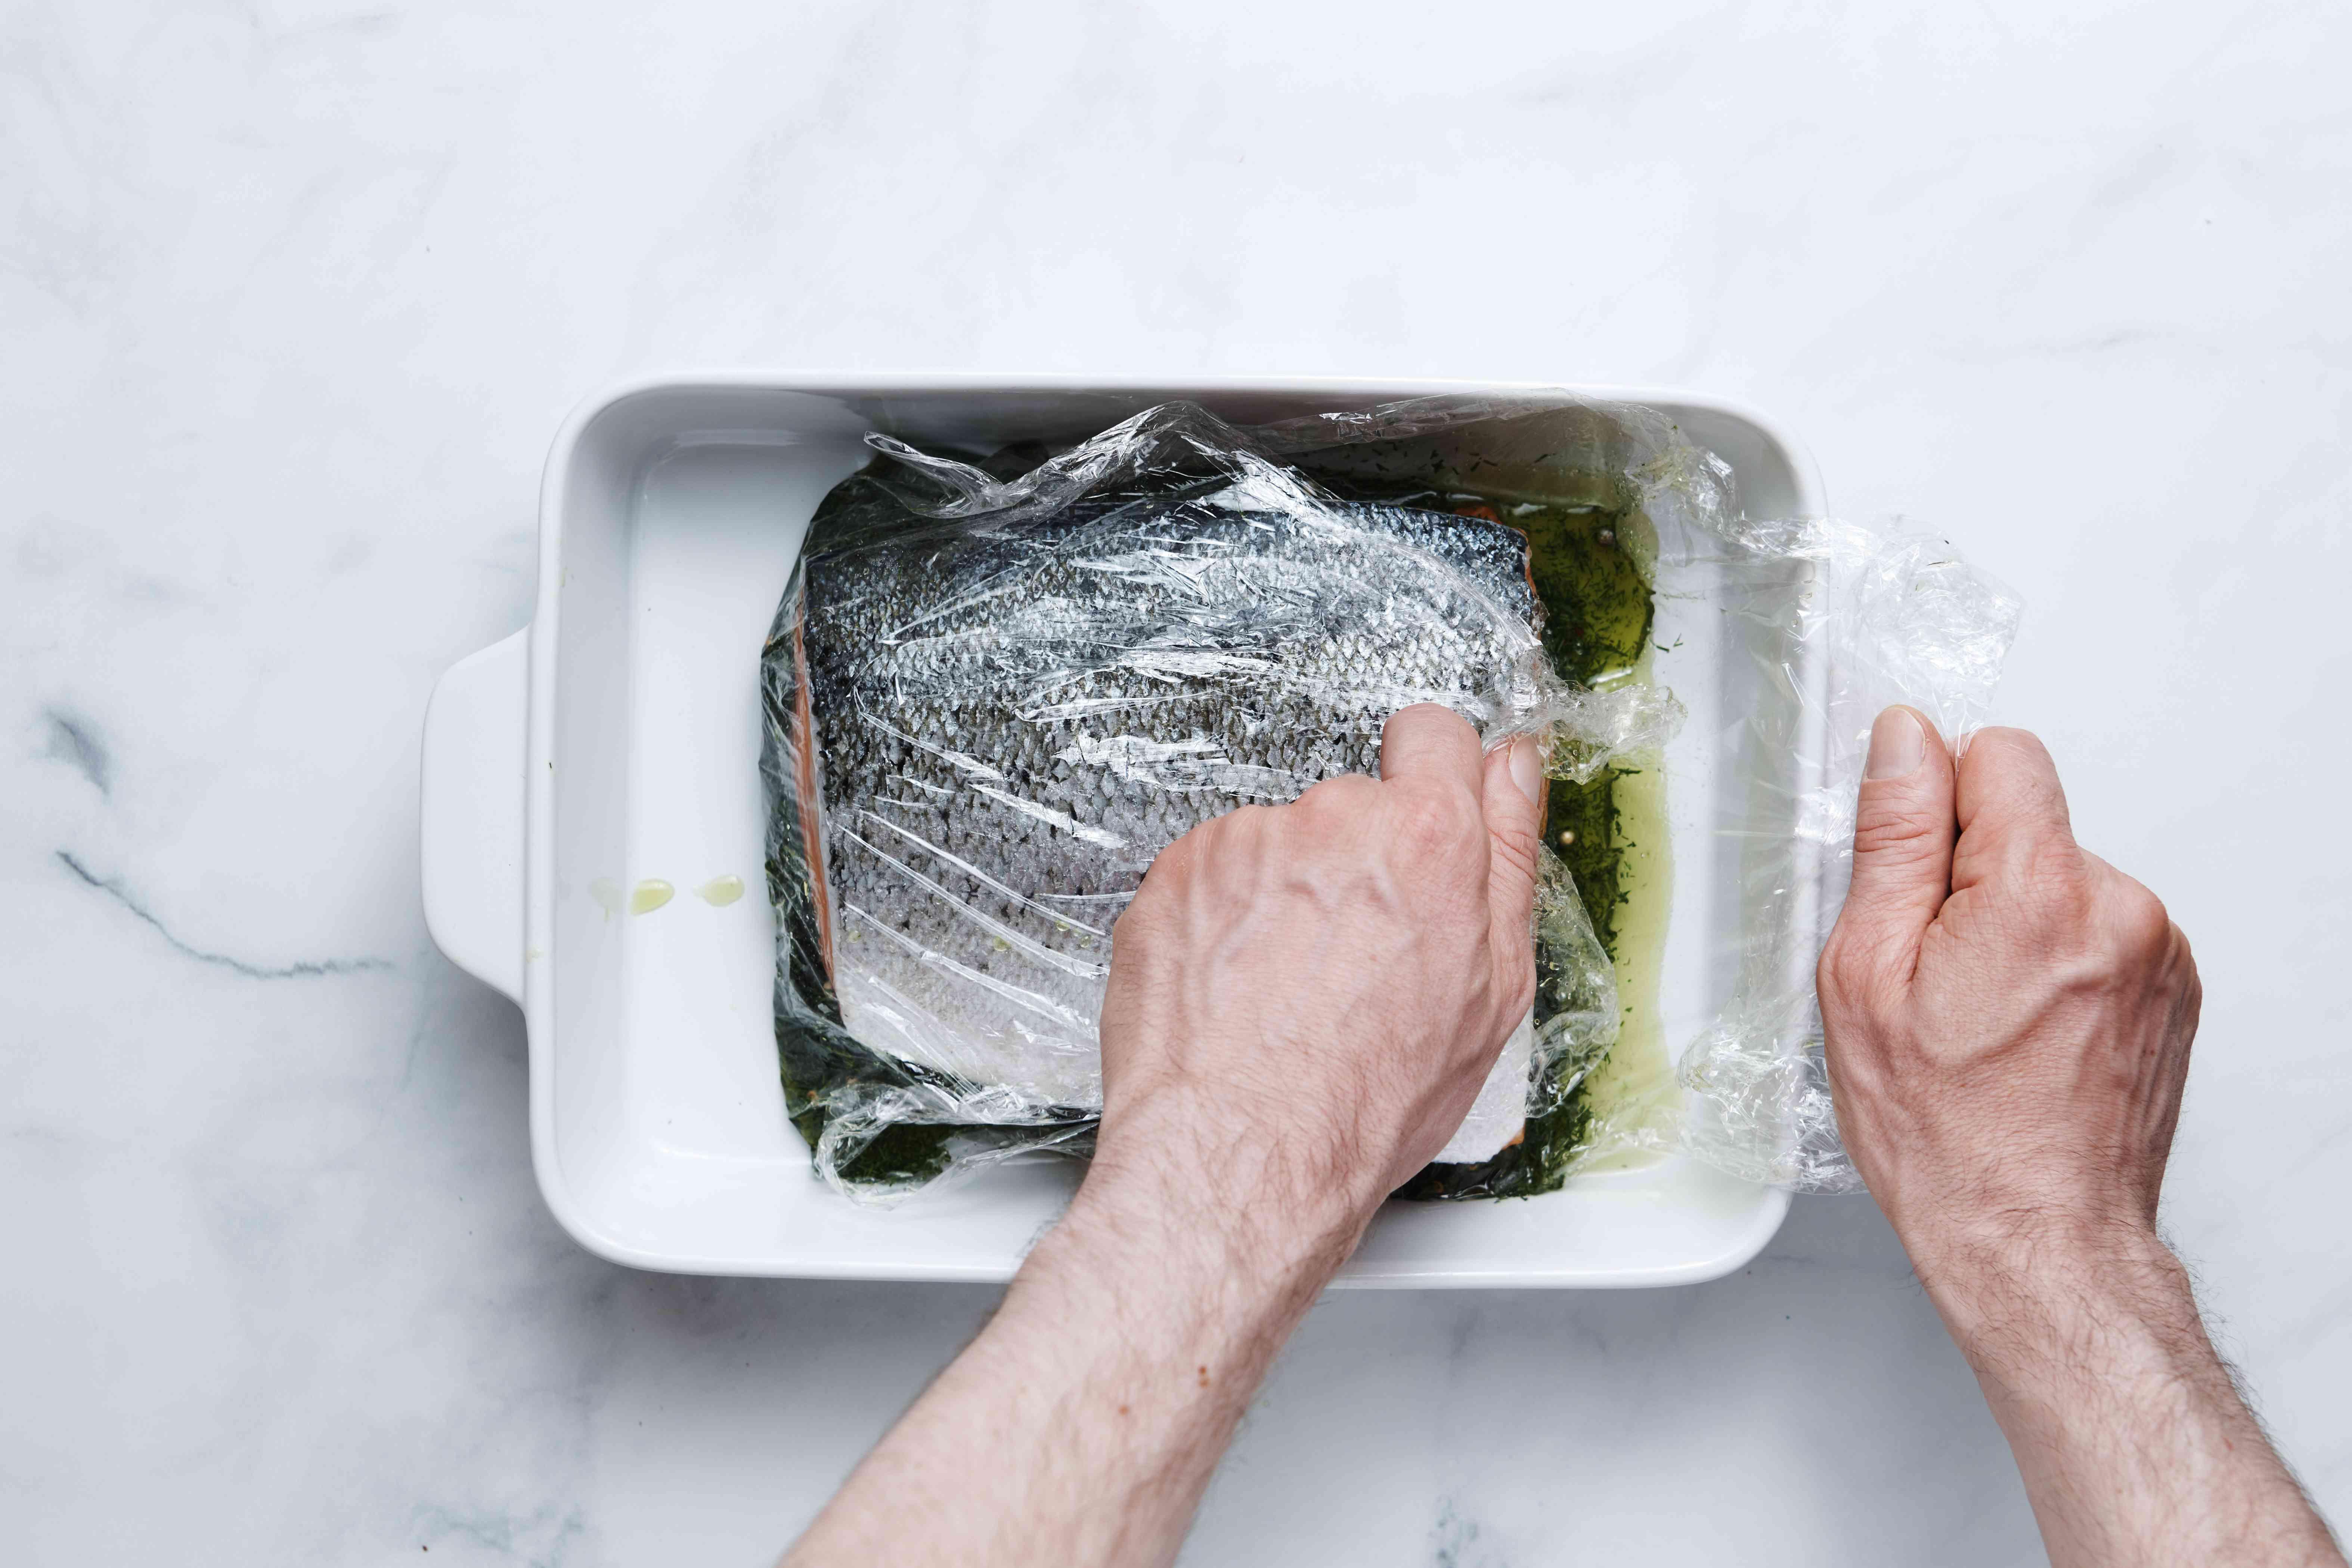 lox in a baking dish